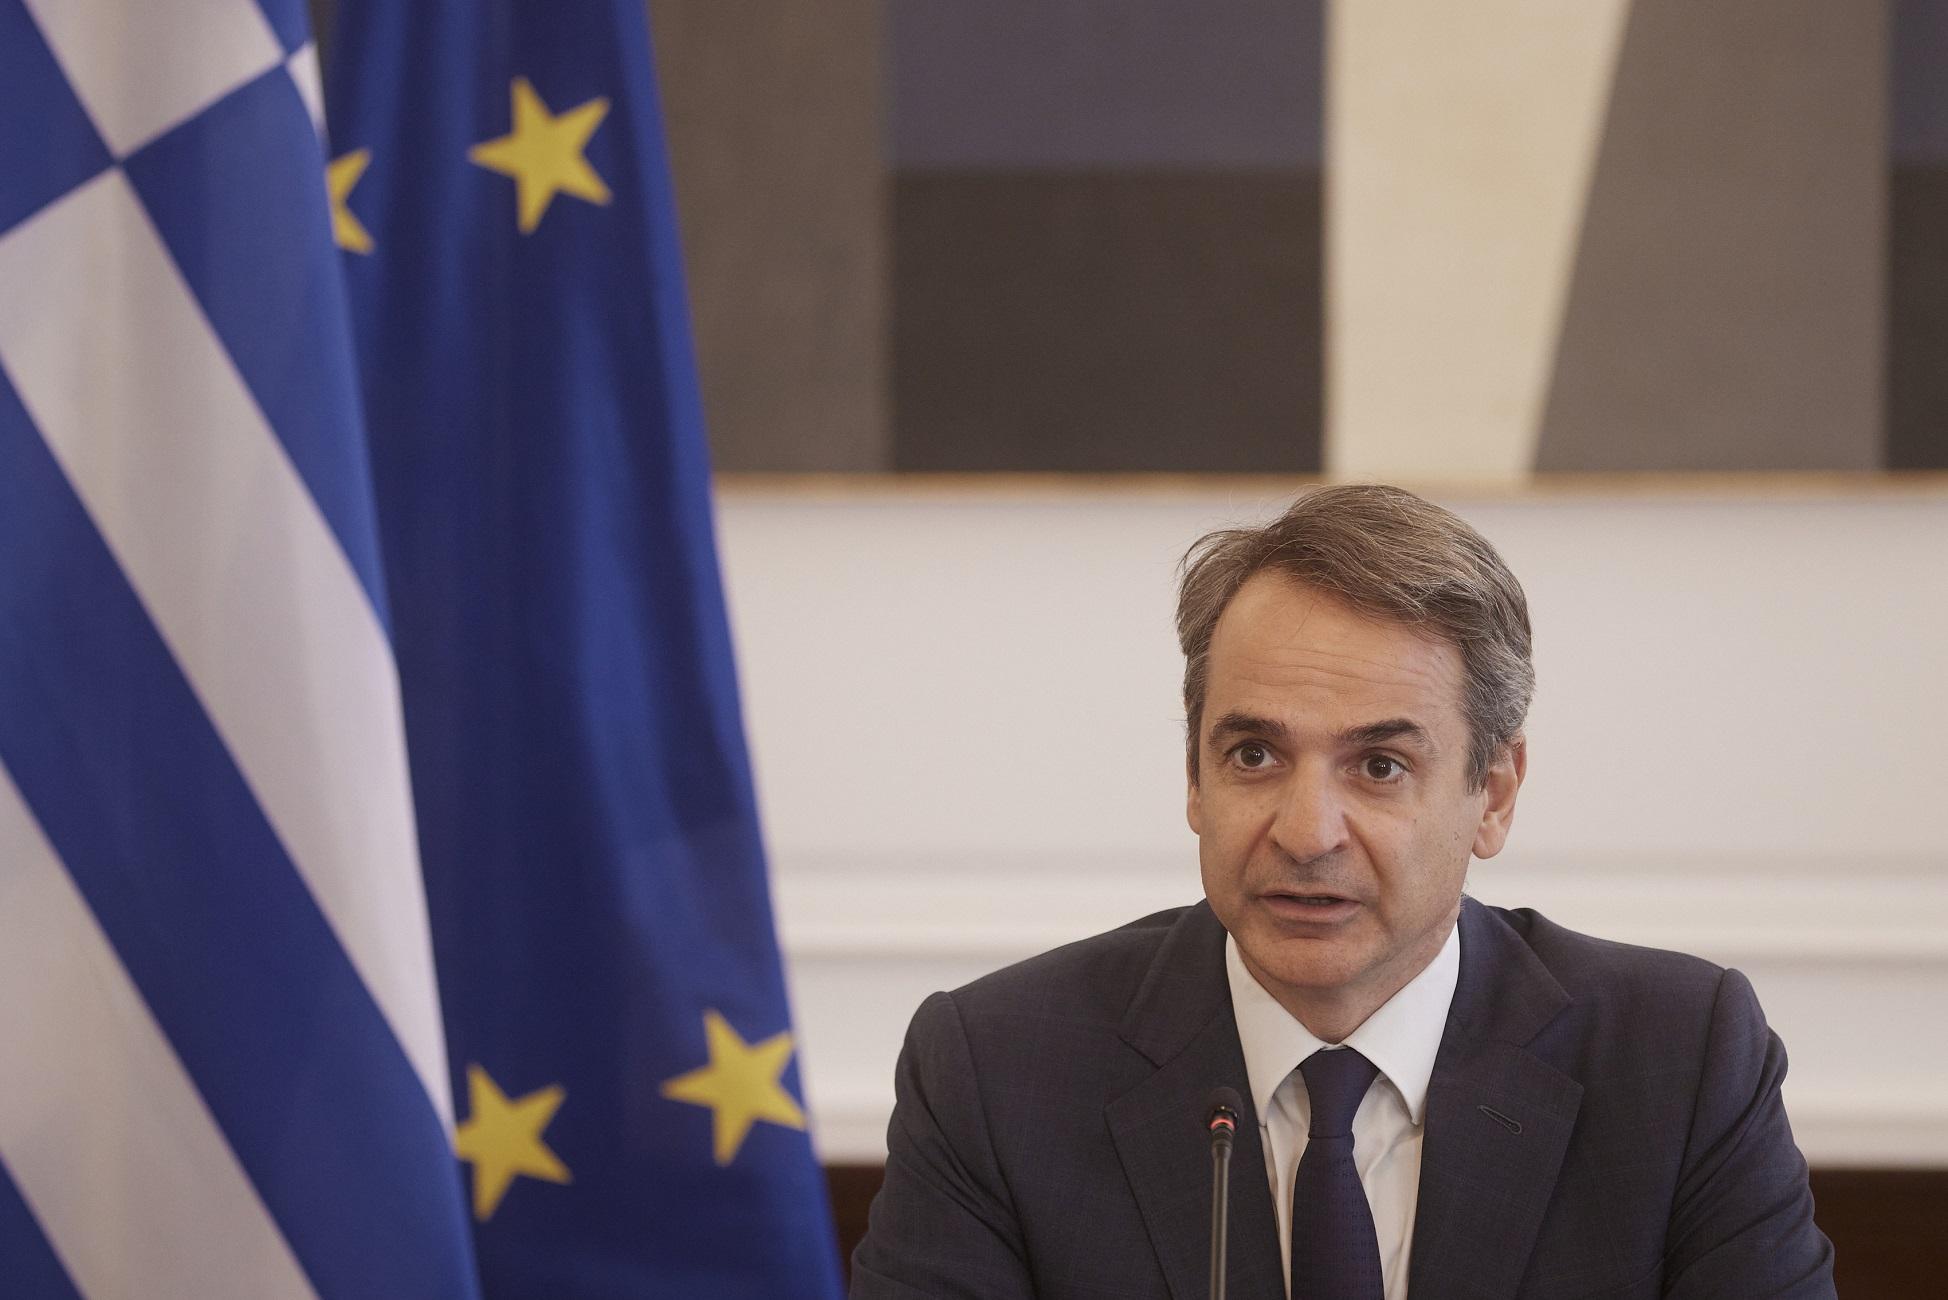 Υπουργικό Συμβούλιο Κυριάκος Μητσοτάκης